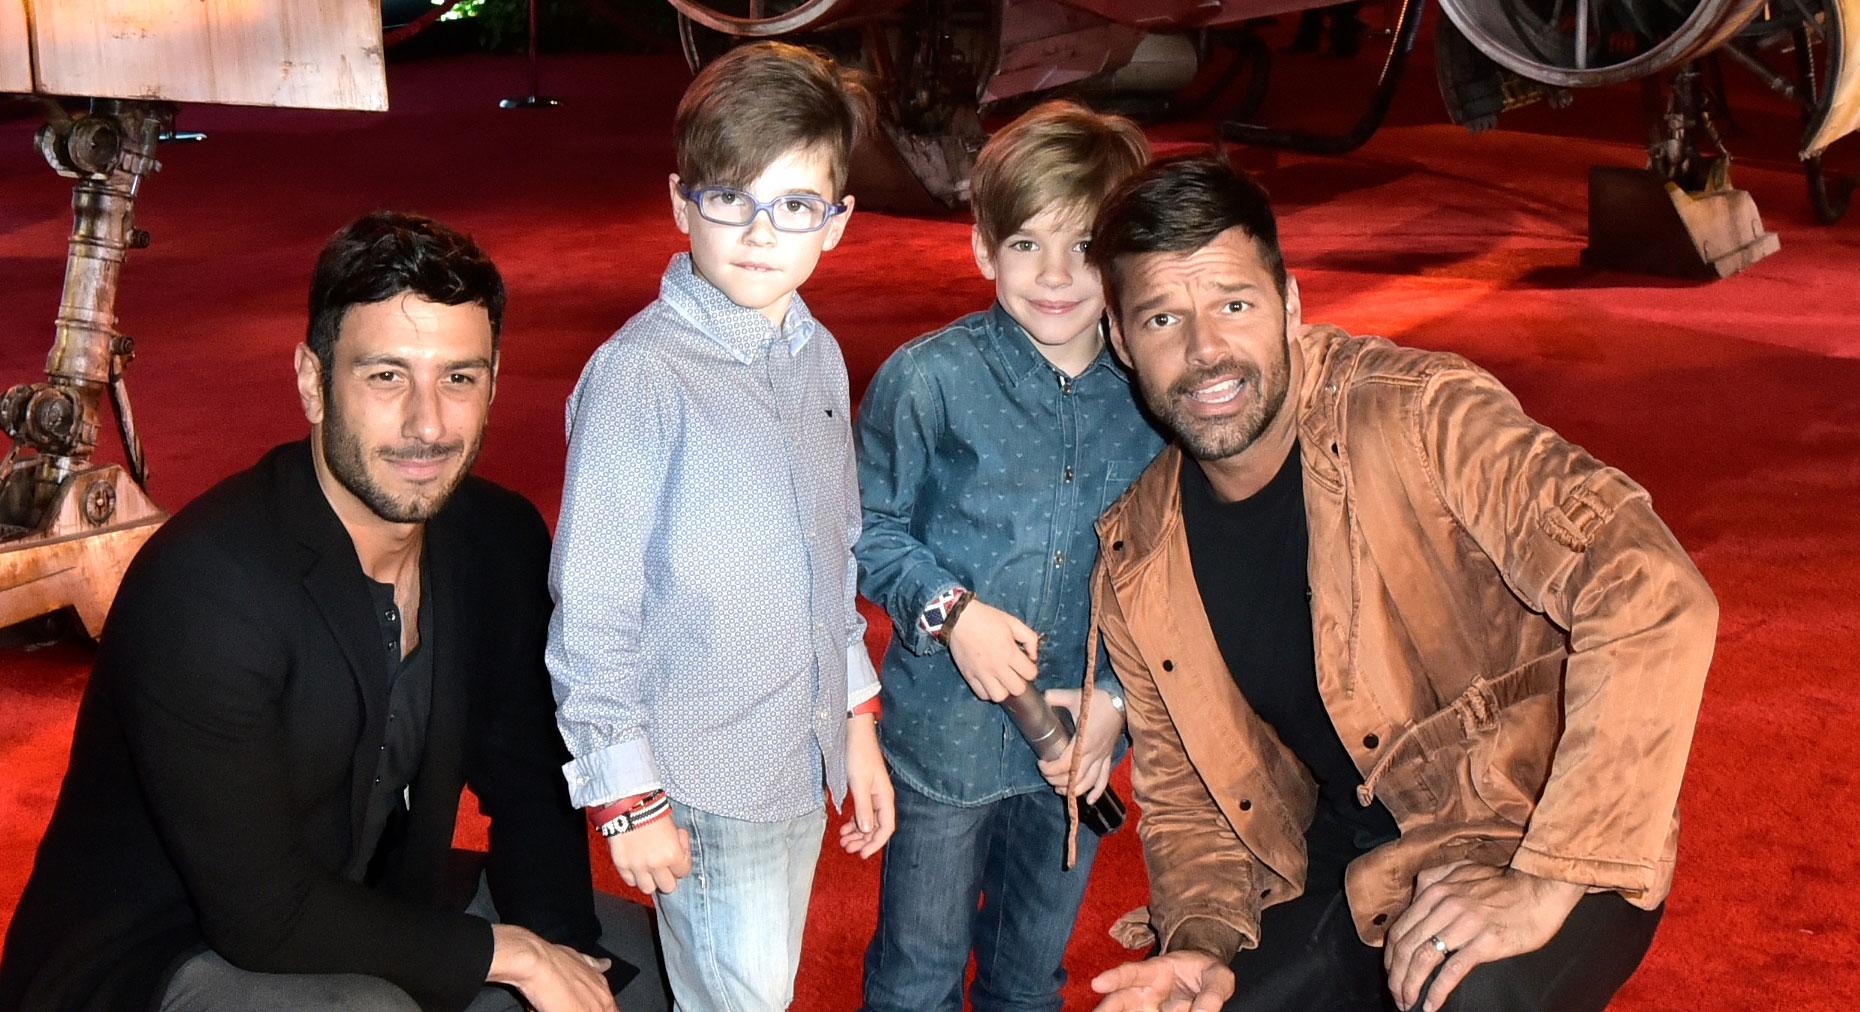 İzleyin: Ricky Martin Daha Çok Çocuk ve Jwan Yosef İle Büyük Bir Düğün İstiyor